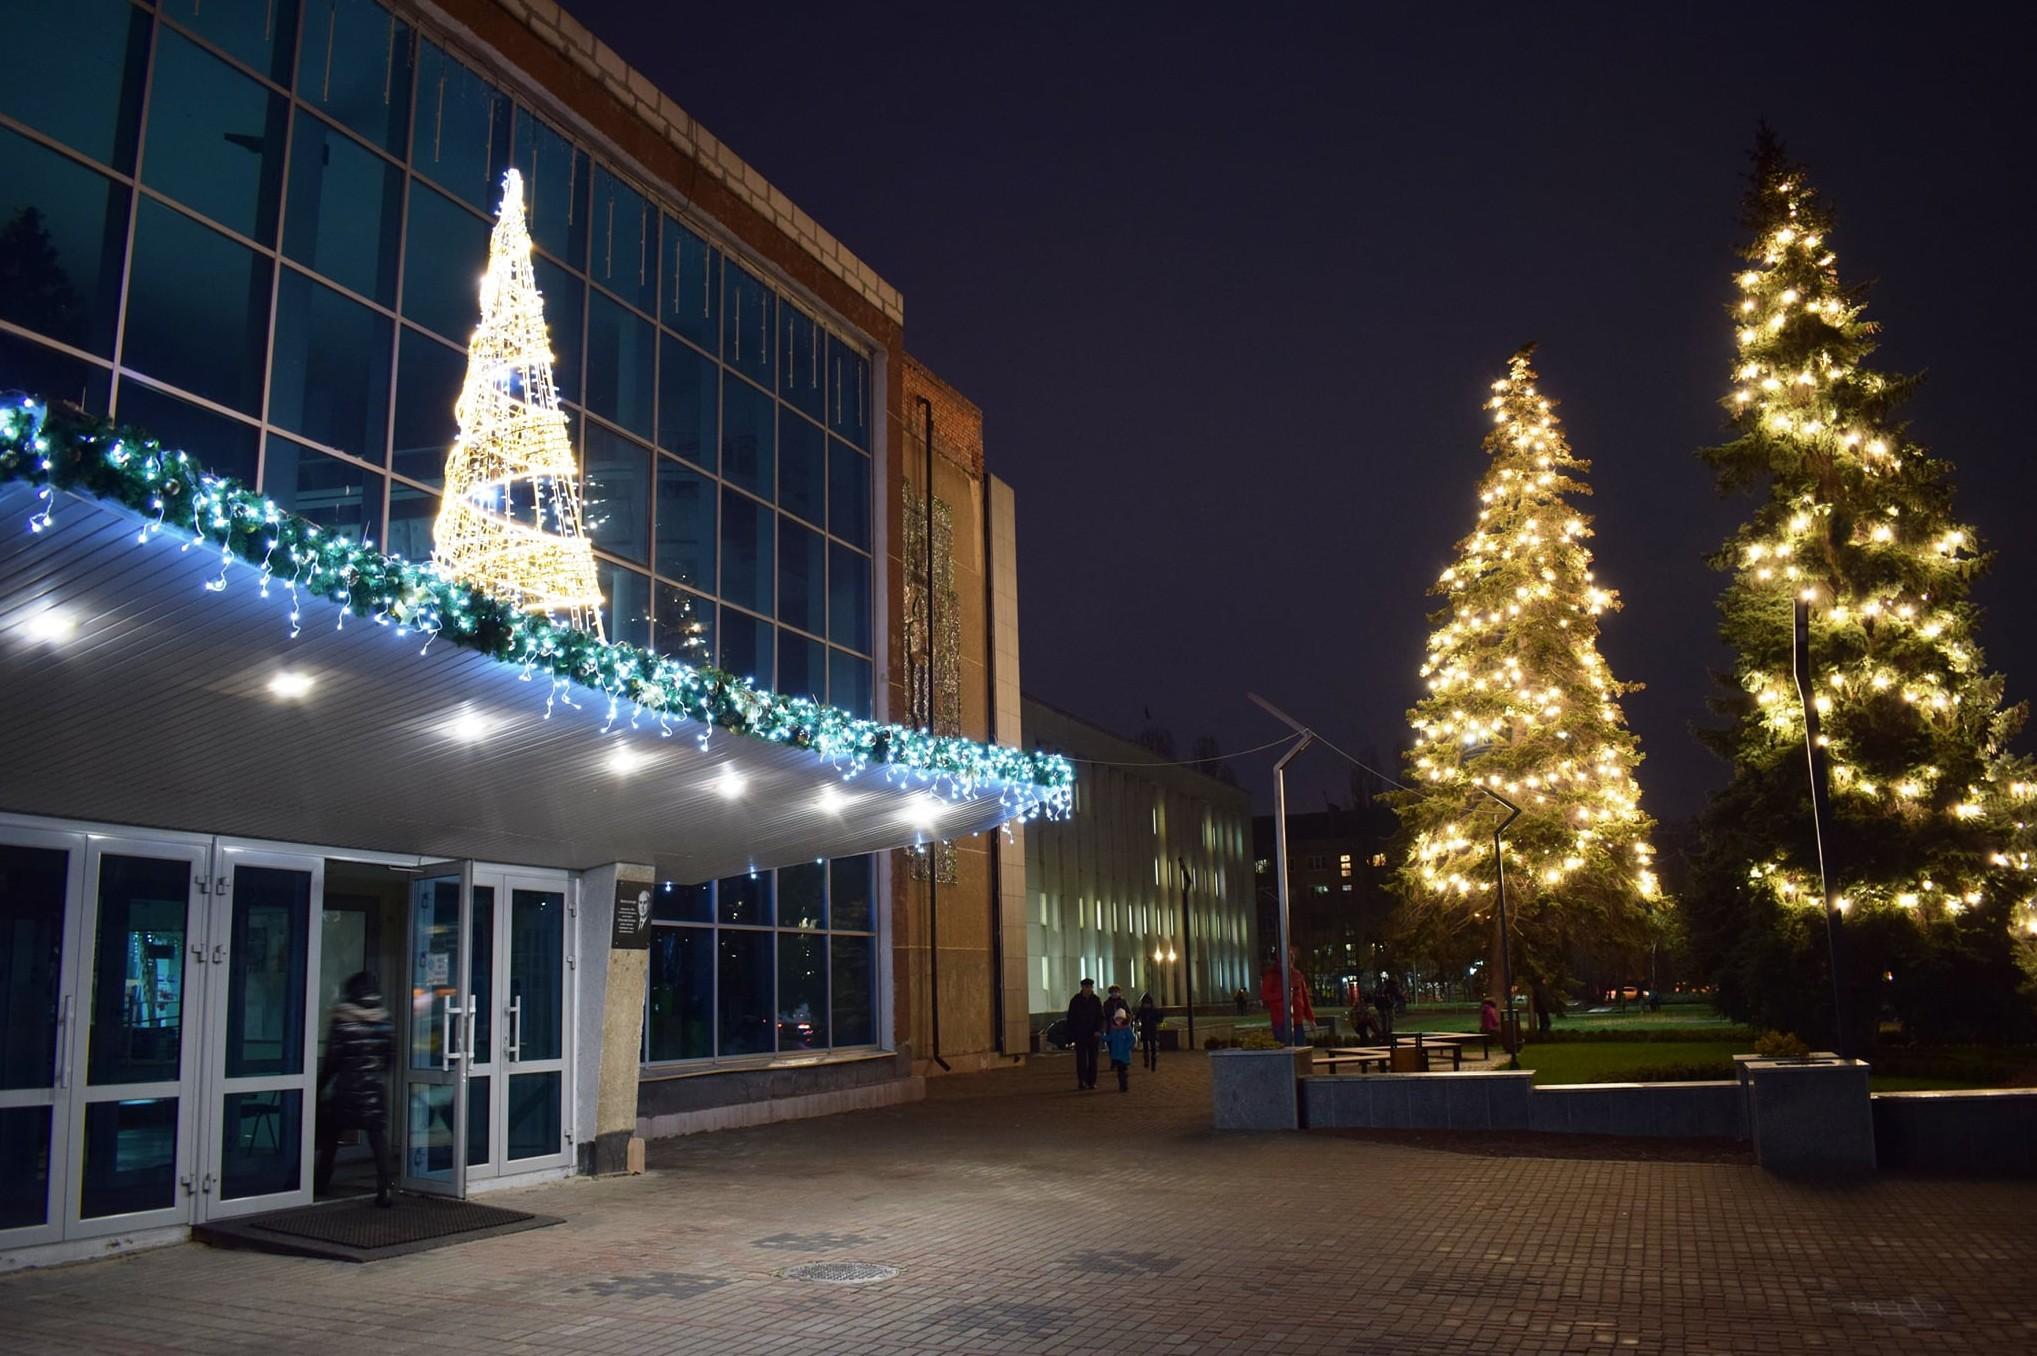 У Чернігові прикрасили Міський палац культури до Нового року (Фотофакт)